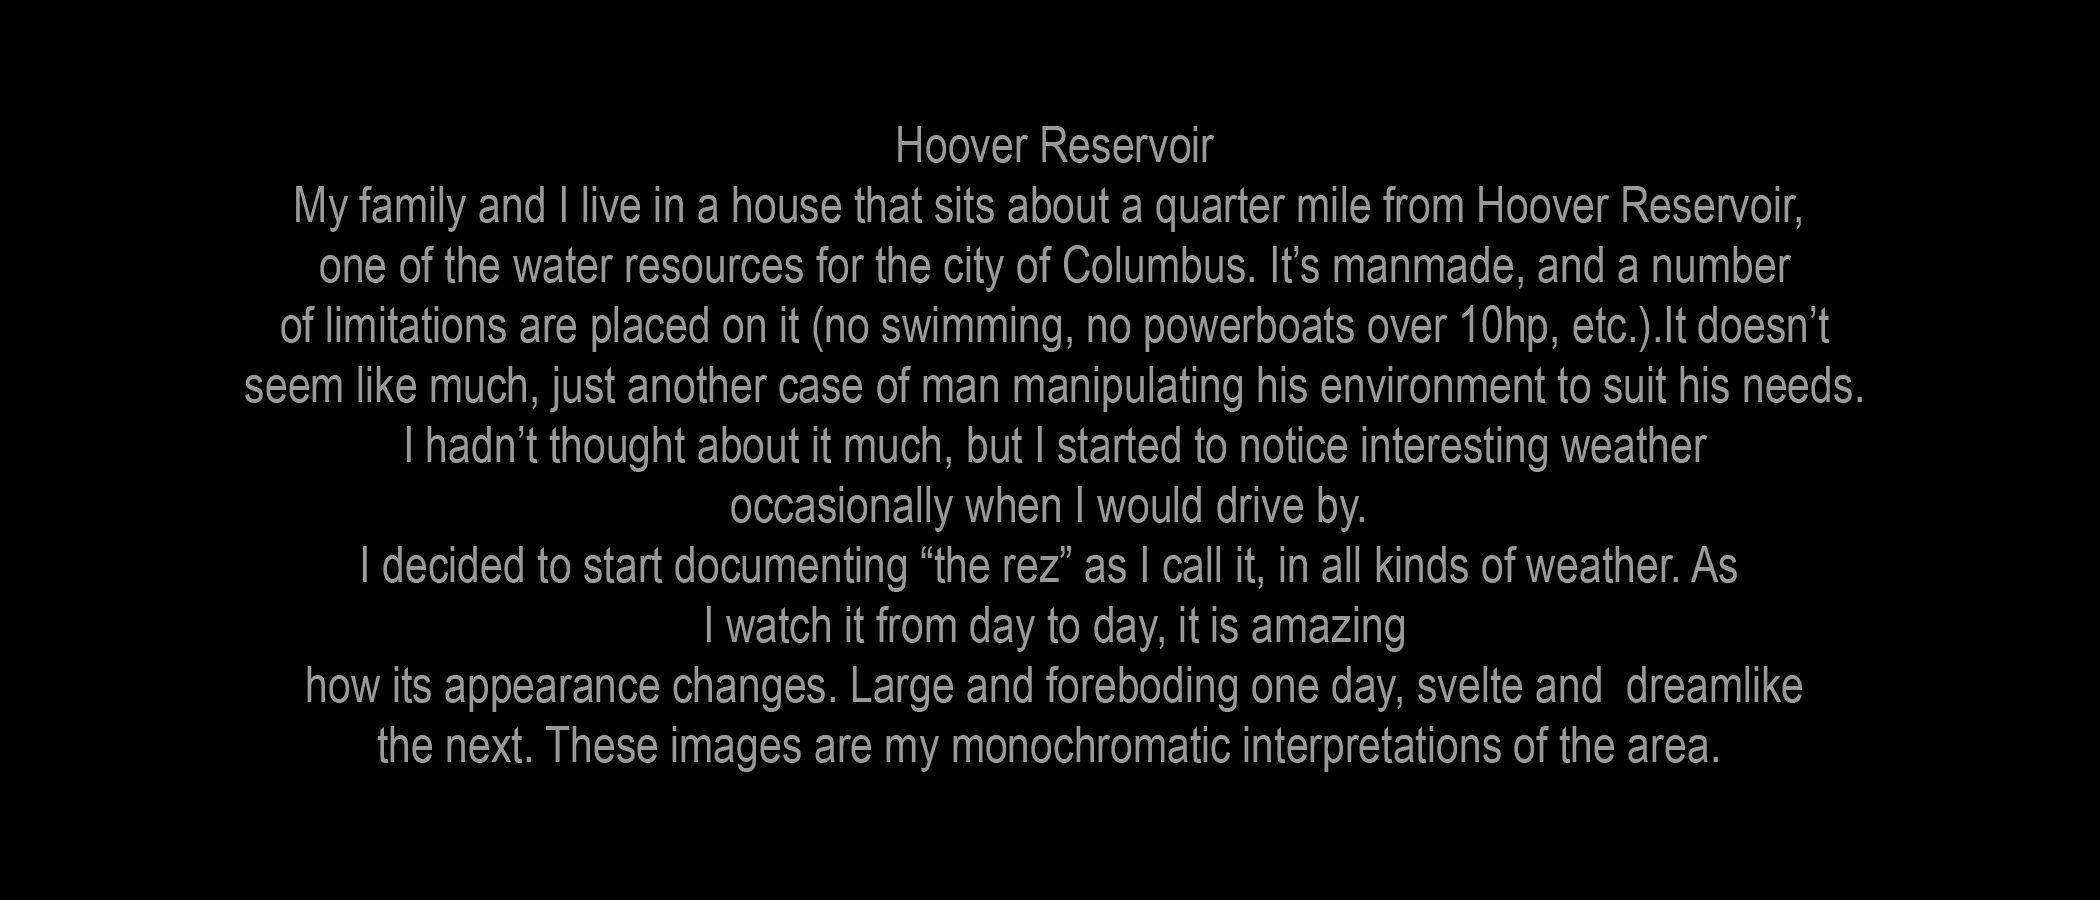 Hoover_res.jpg